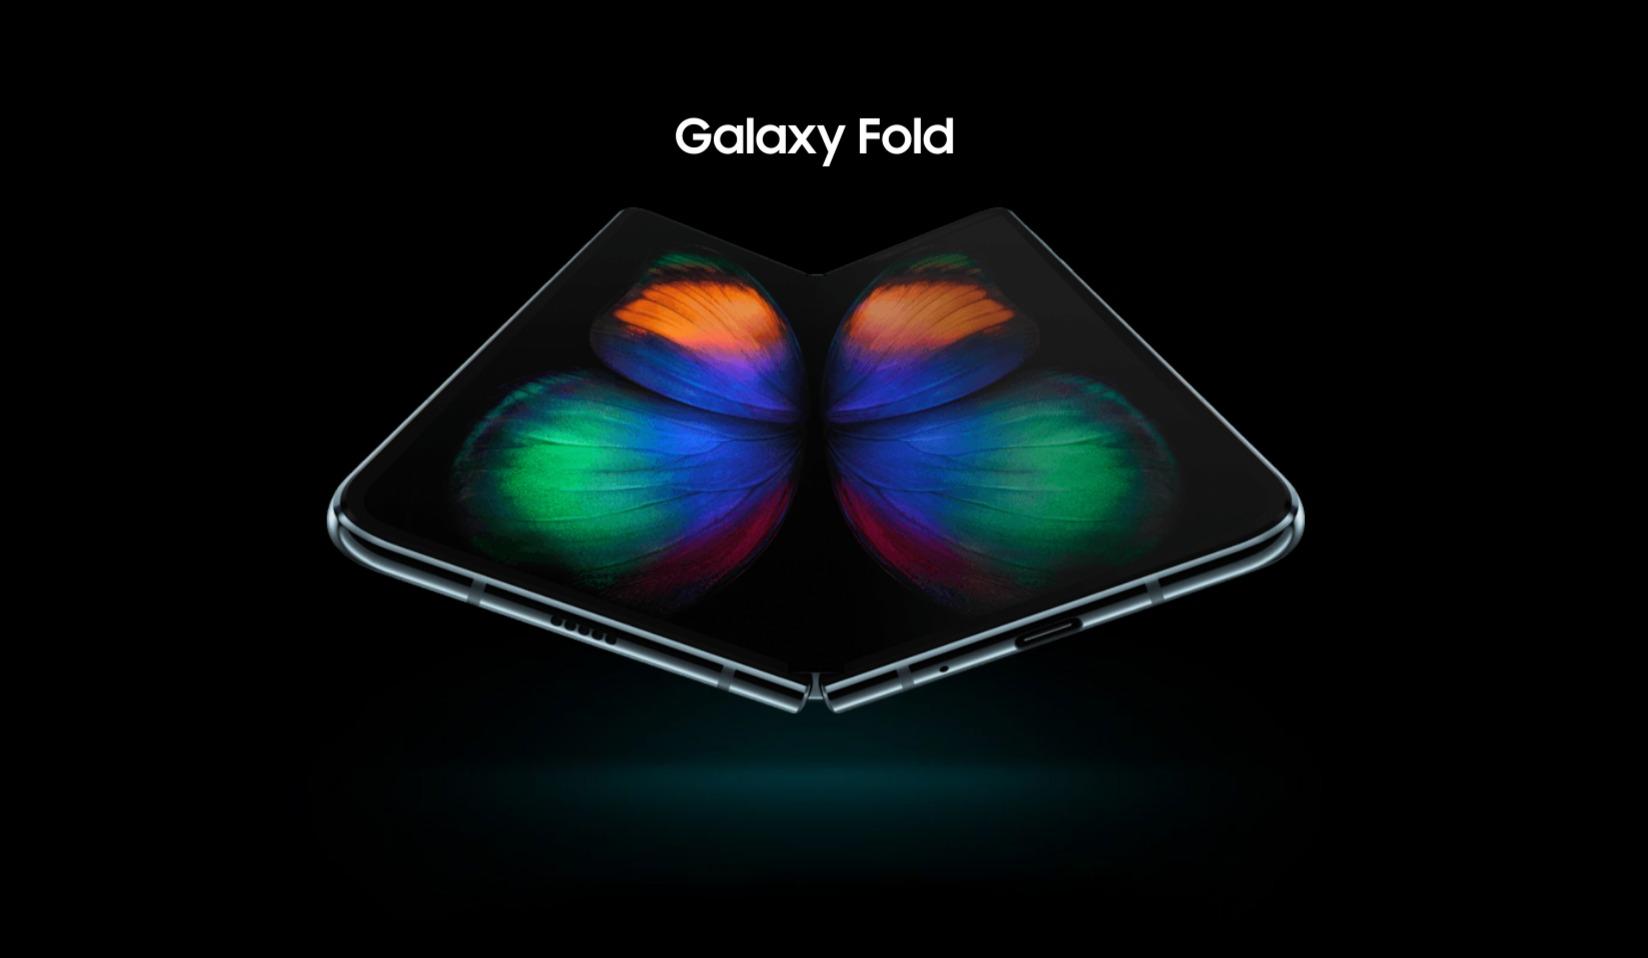 Neues Samsung Galaxy Fold soll schon im nächsten Frühjahr gefaltet werden können